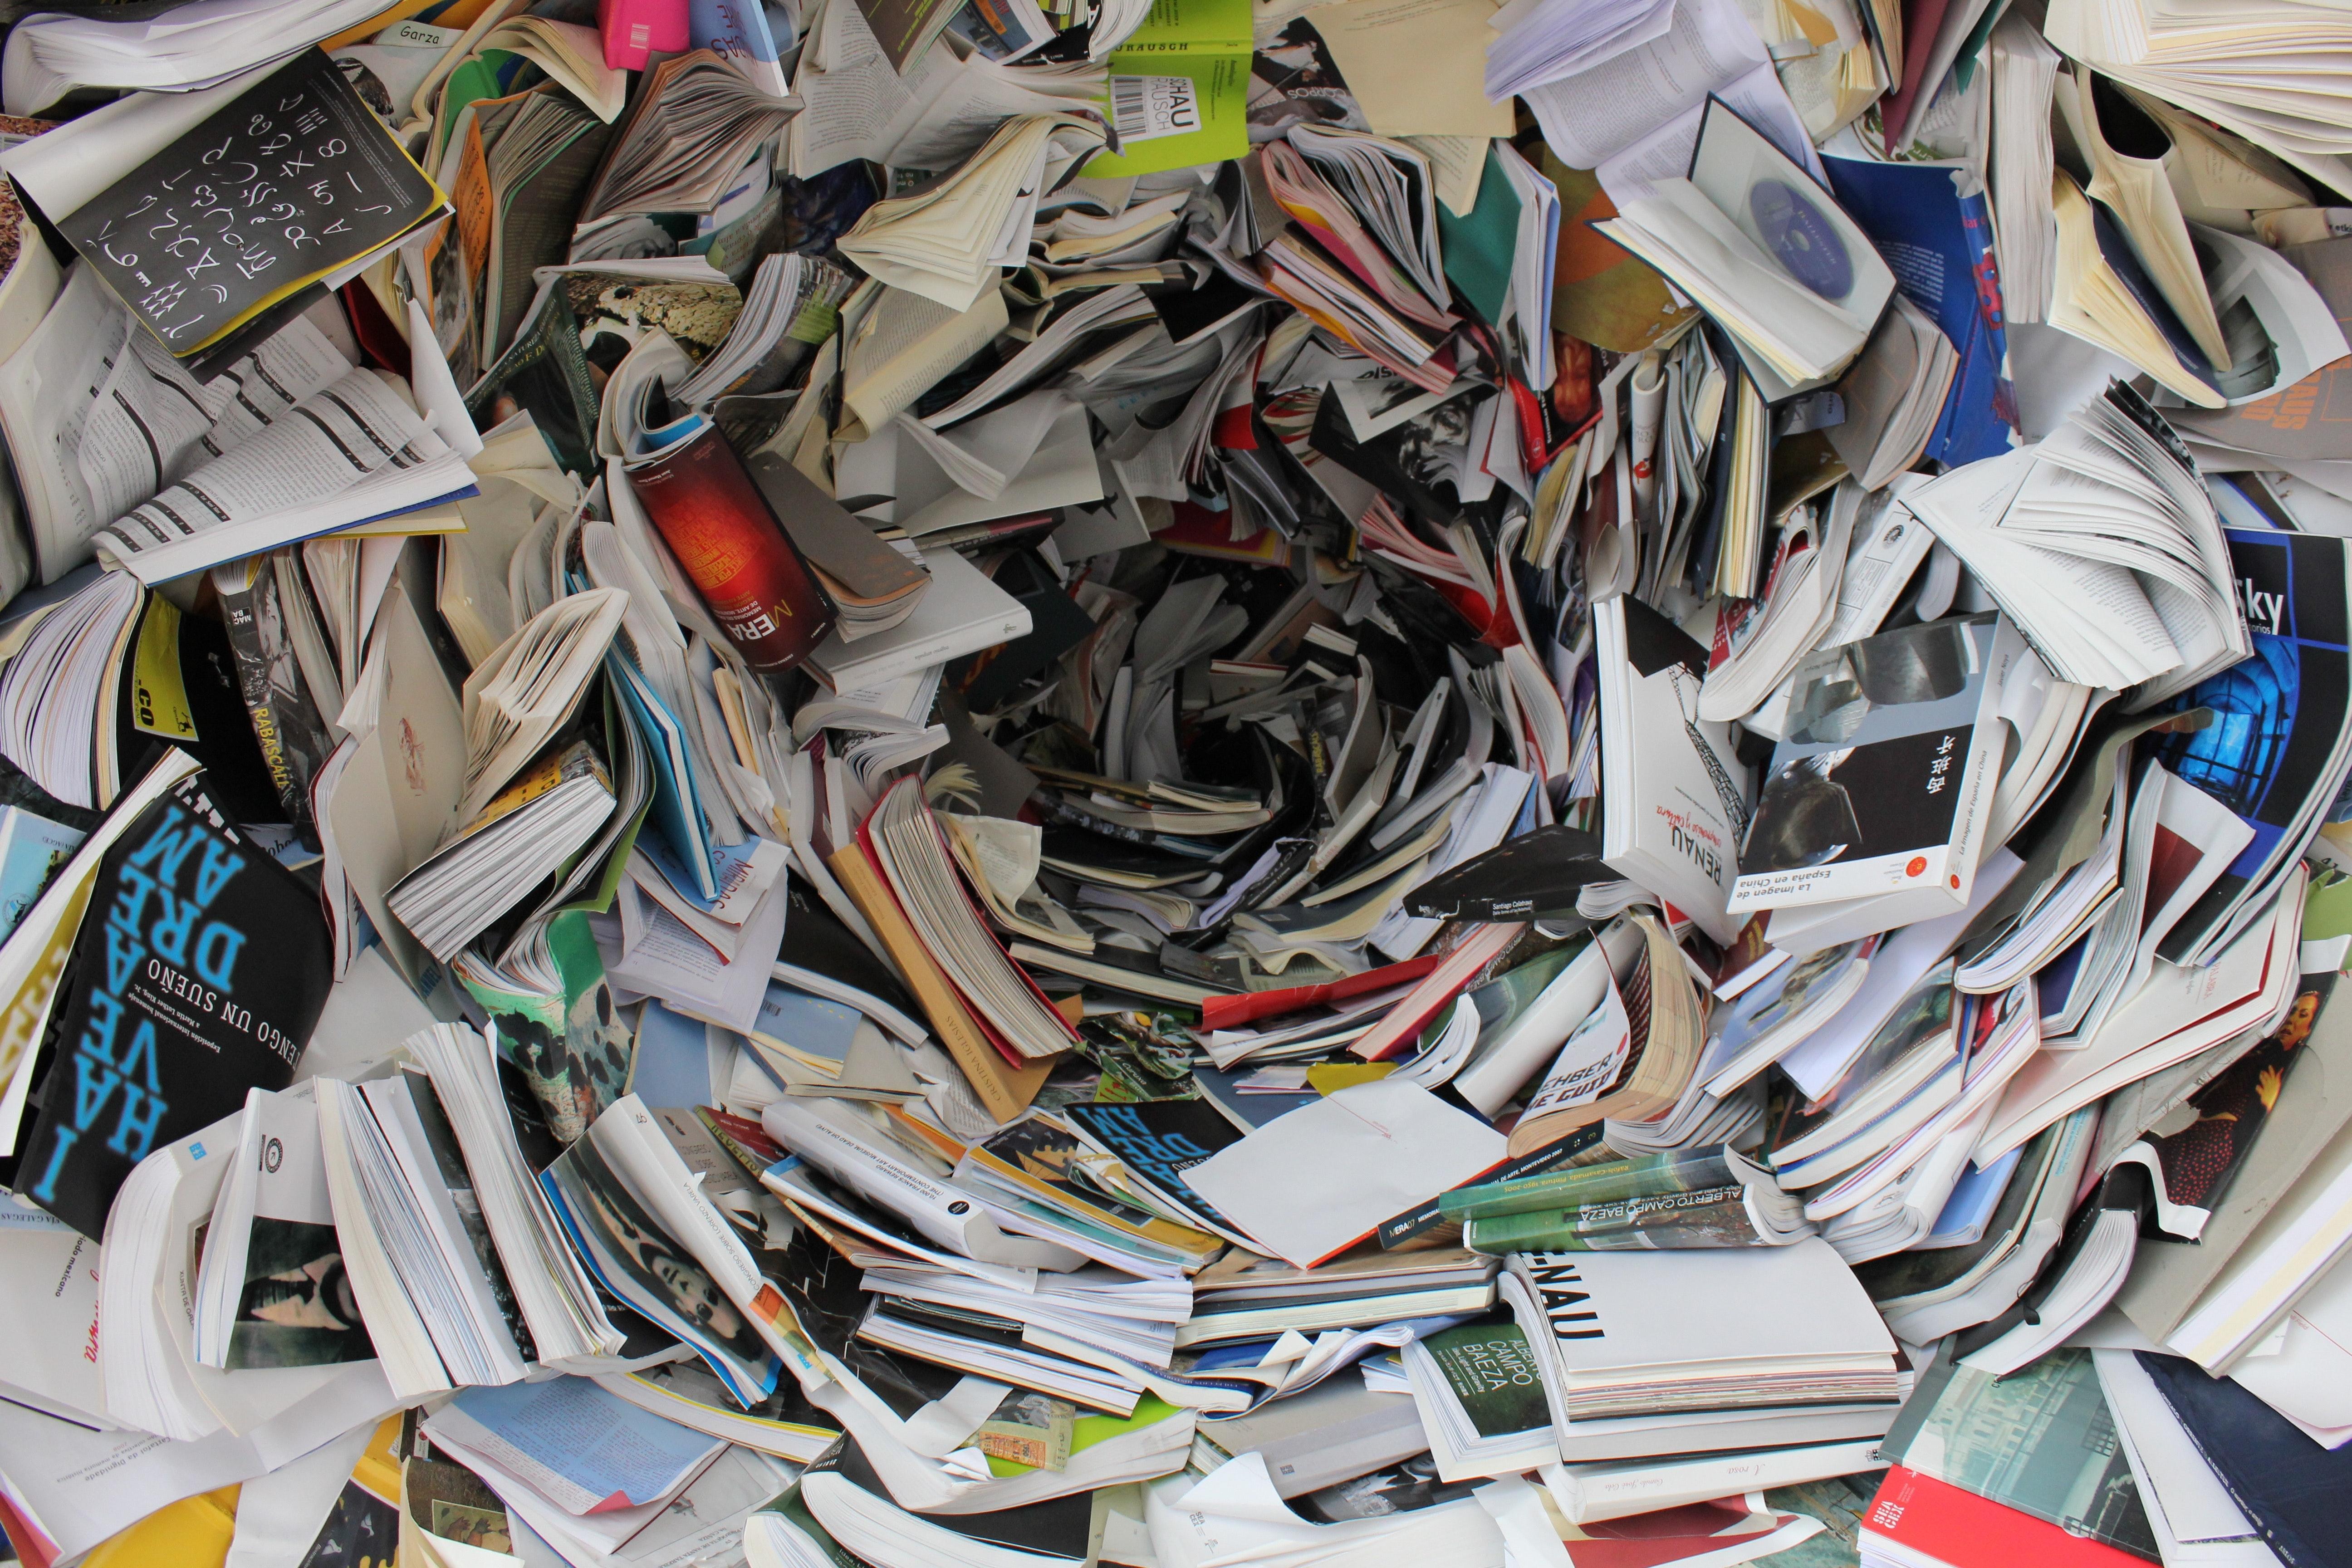 Muchas revistas desordenadas